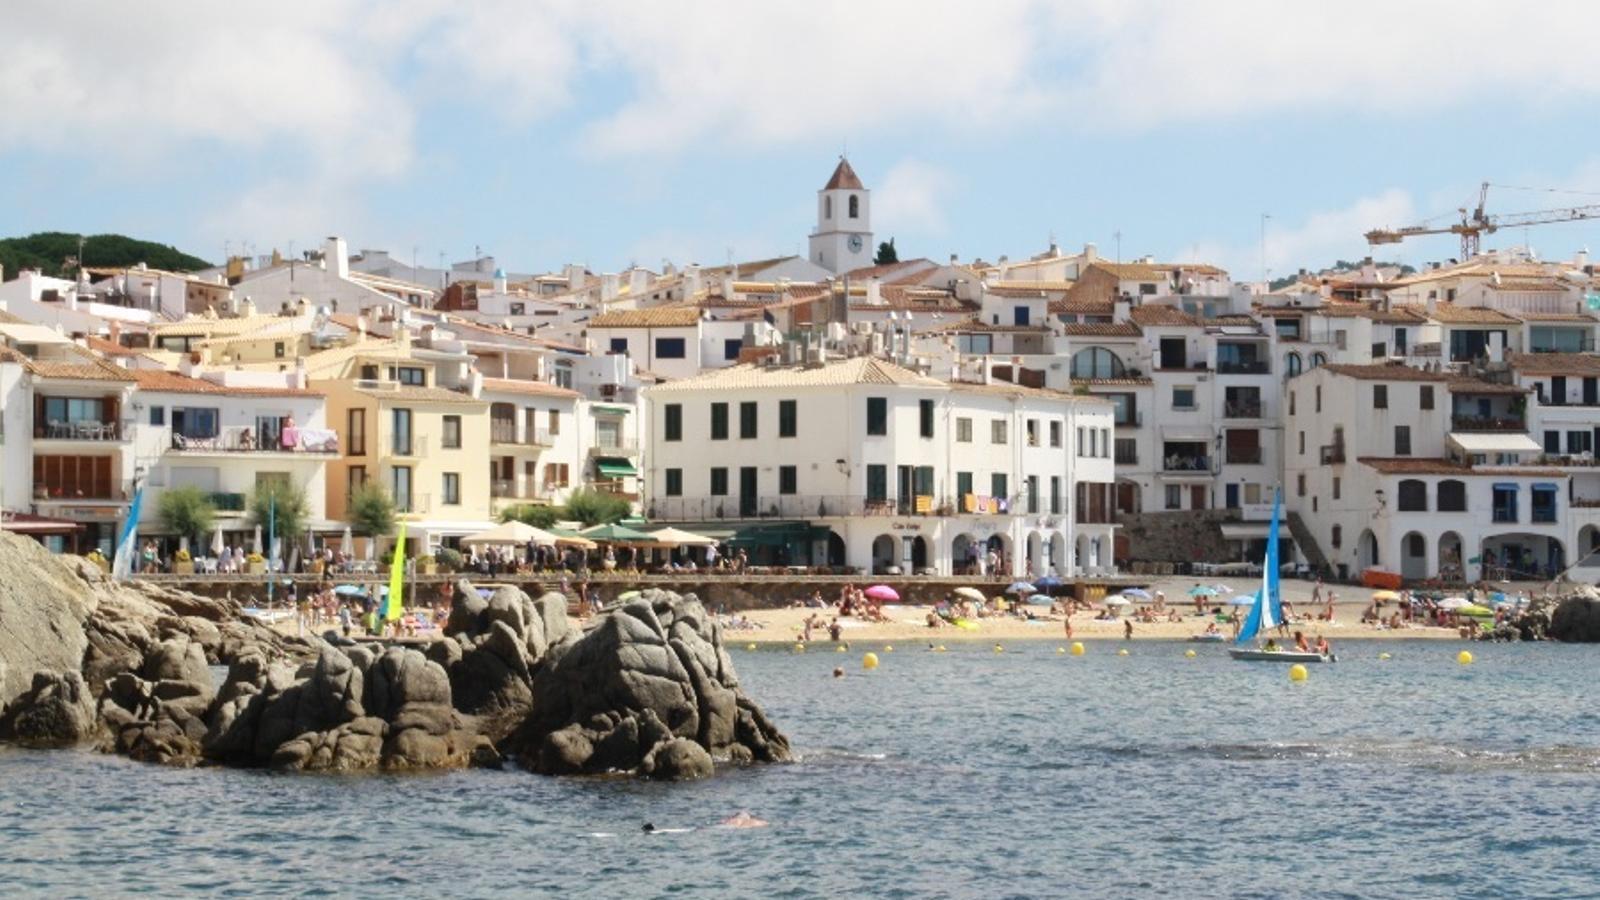 La platja de Calella de Palafrugell és un dels indrets del litoral que l'ajuntament vol convertir en espai lliure de fum